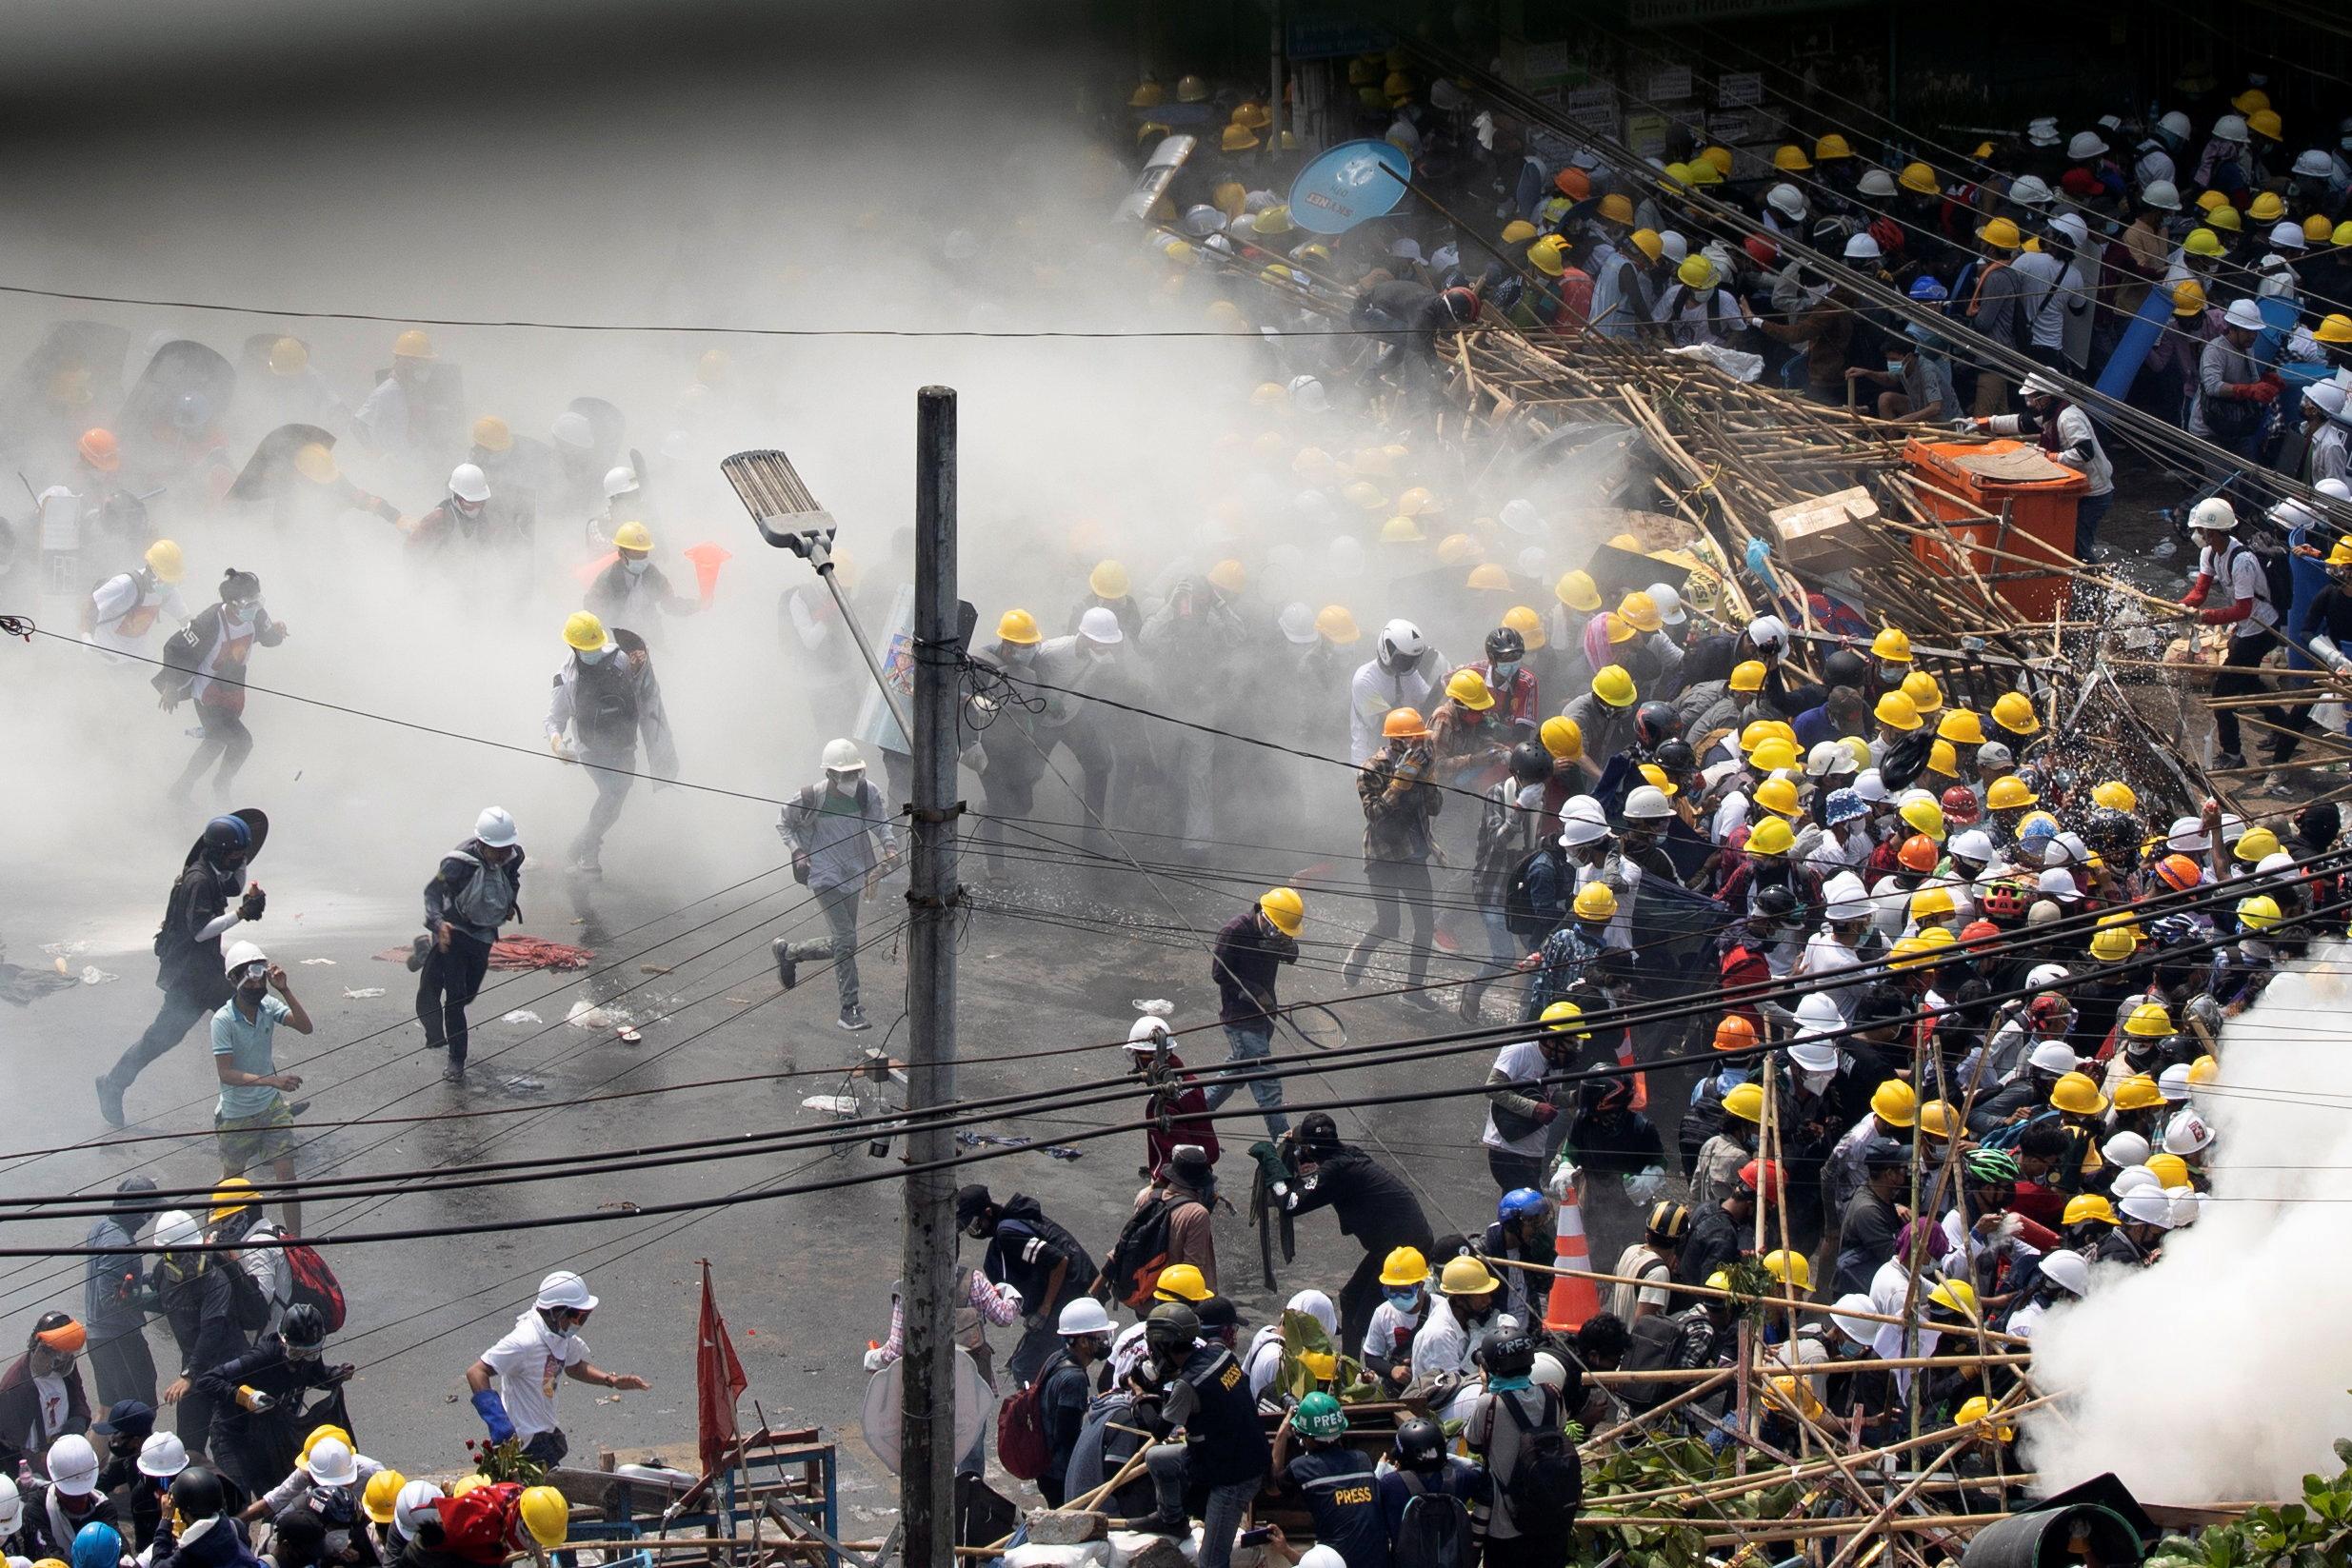 Μιανμάρ: Πυρά από την αστυνομία στους διαδηλωτές – Τρεις σοβαρά τραυματίες